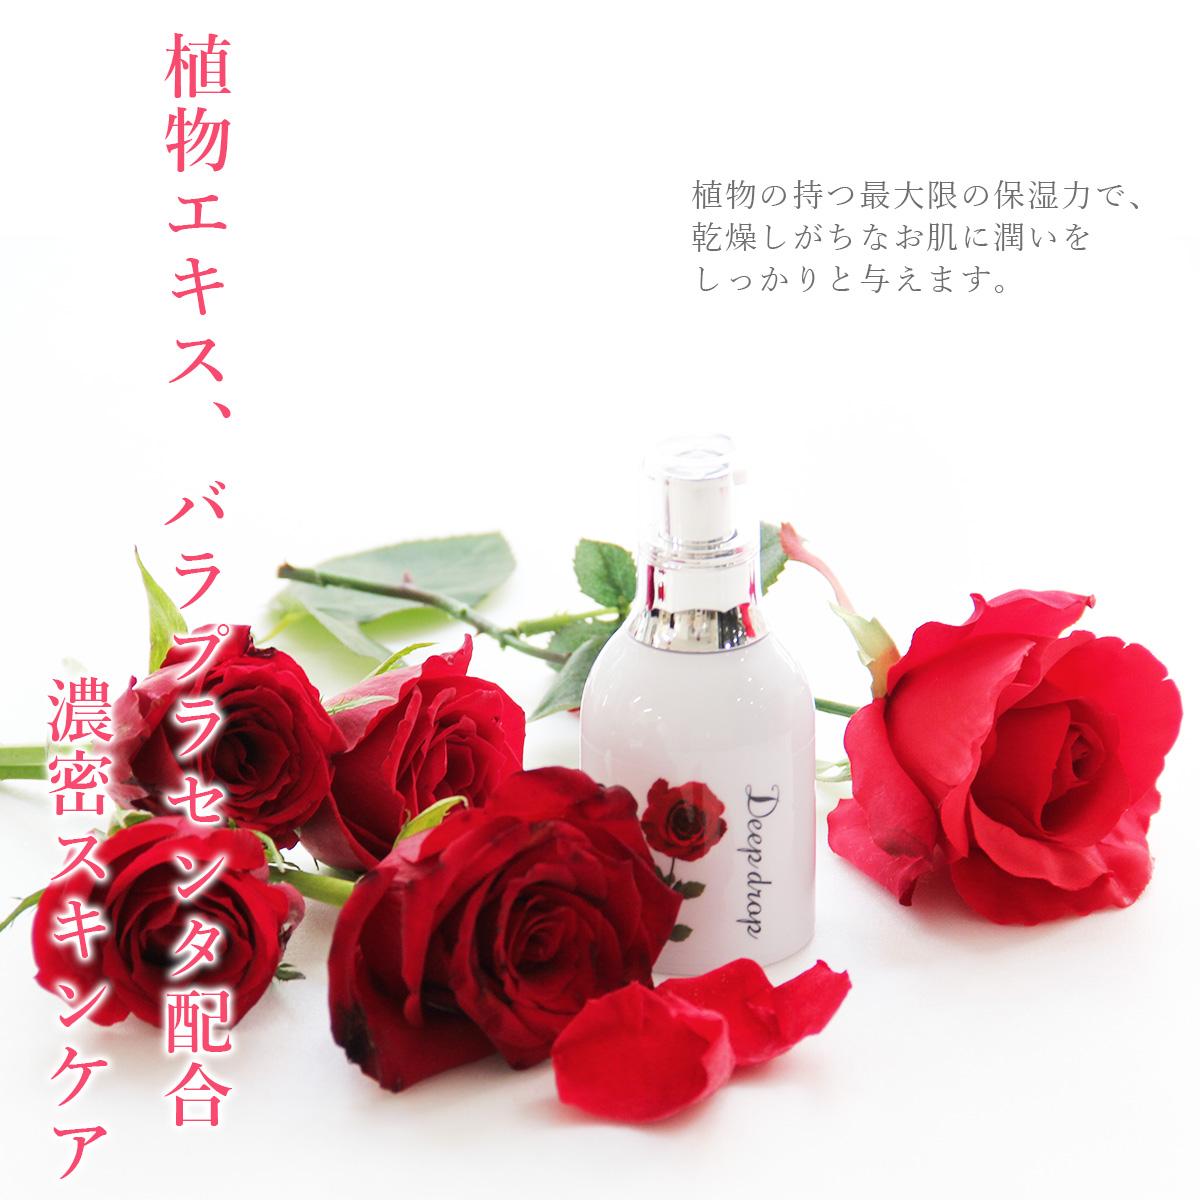 CHIECO DeepDrop セラム(スキンケア美容液)